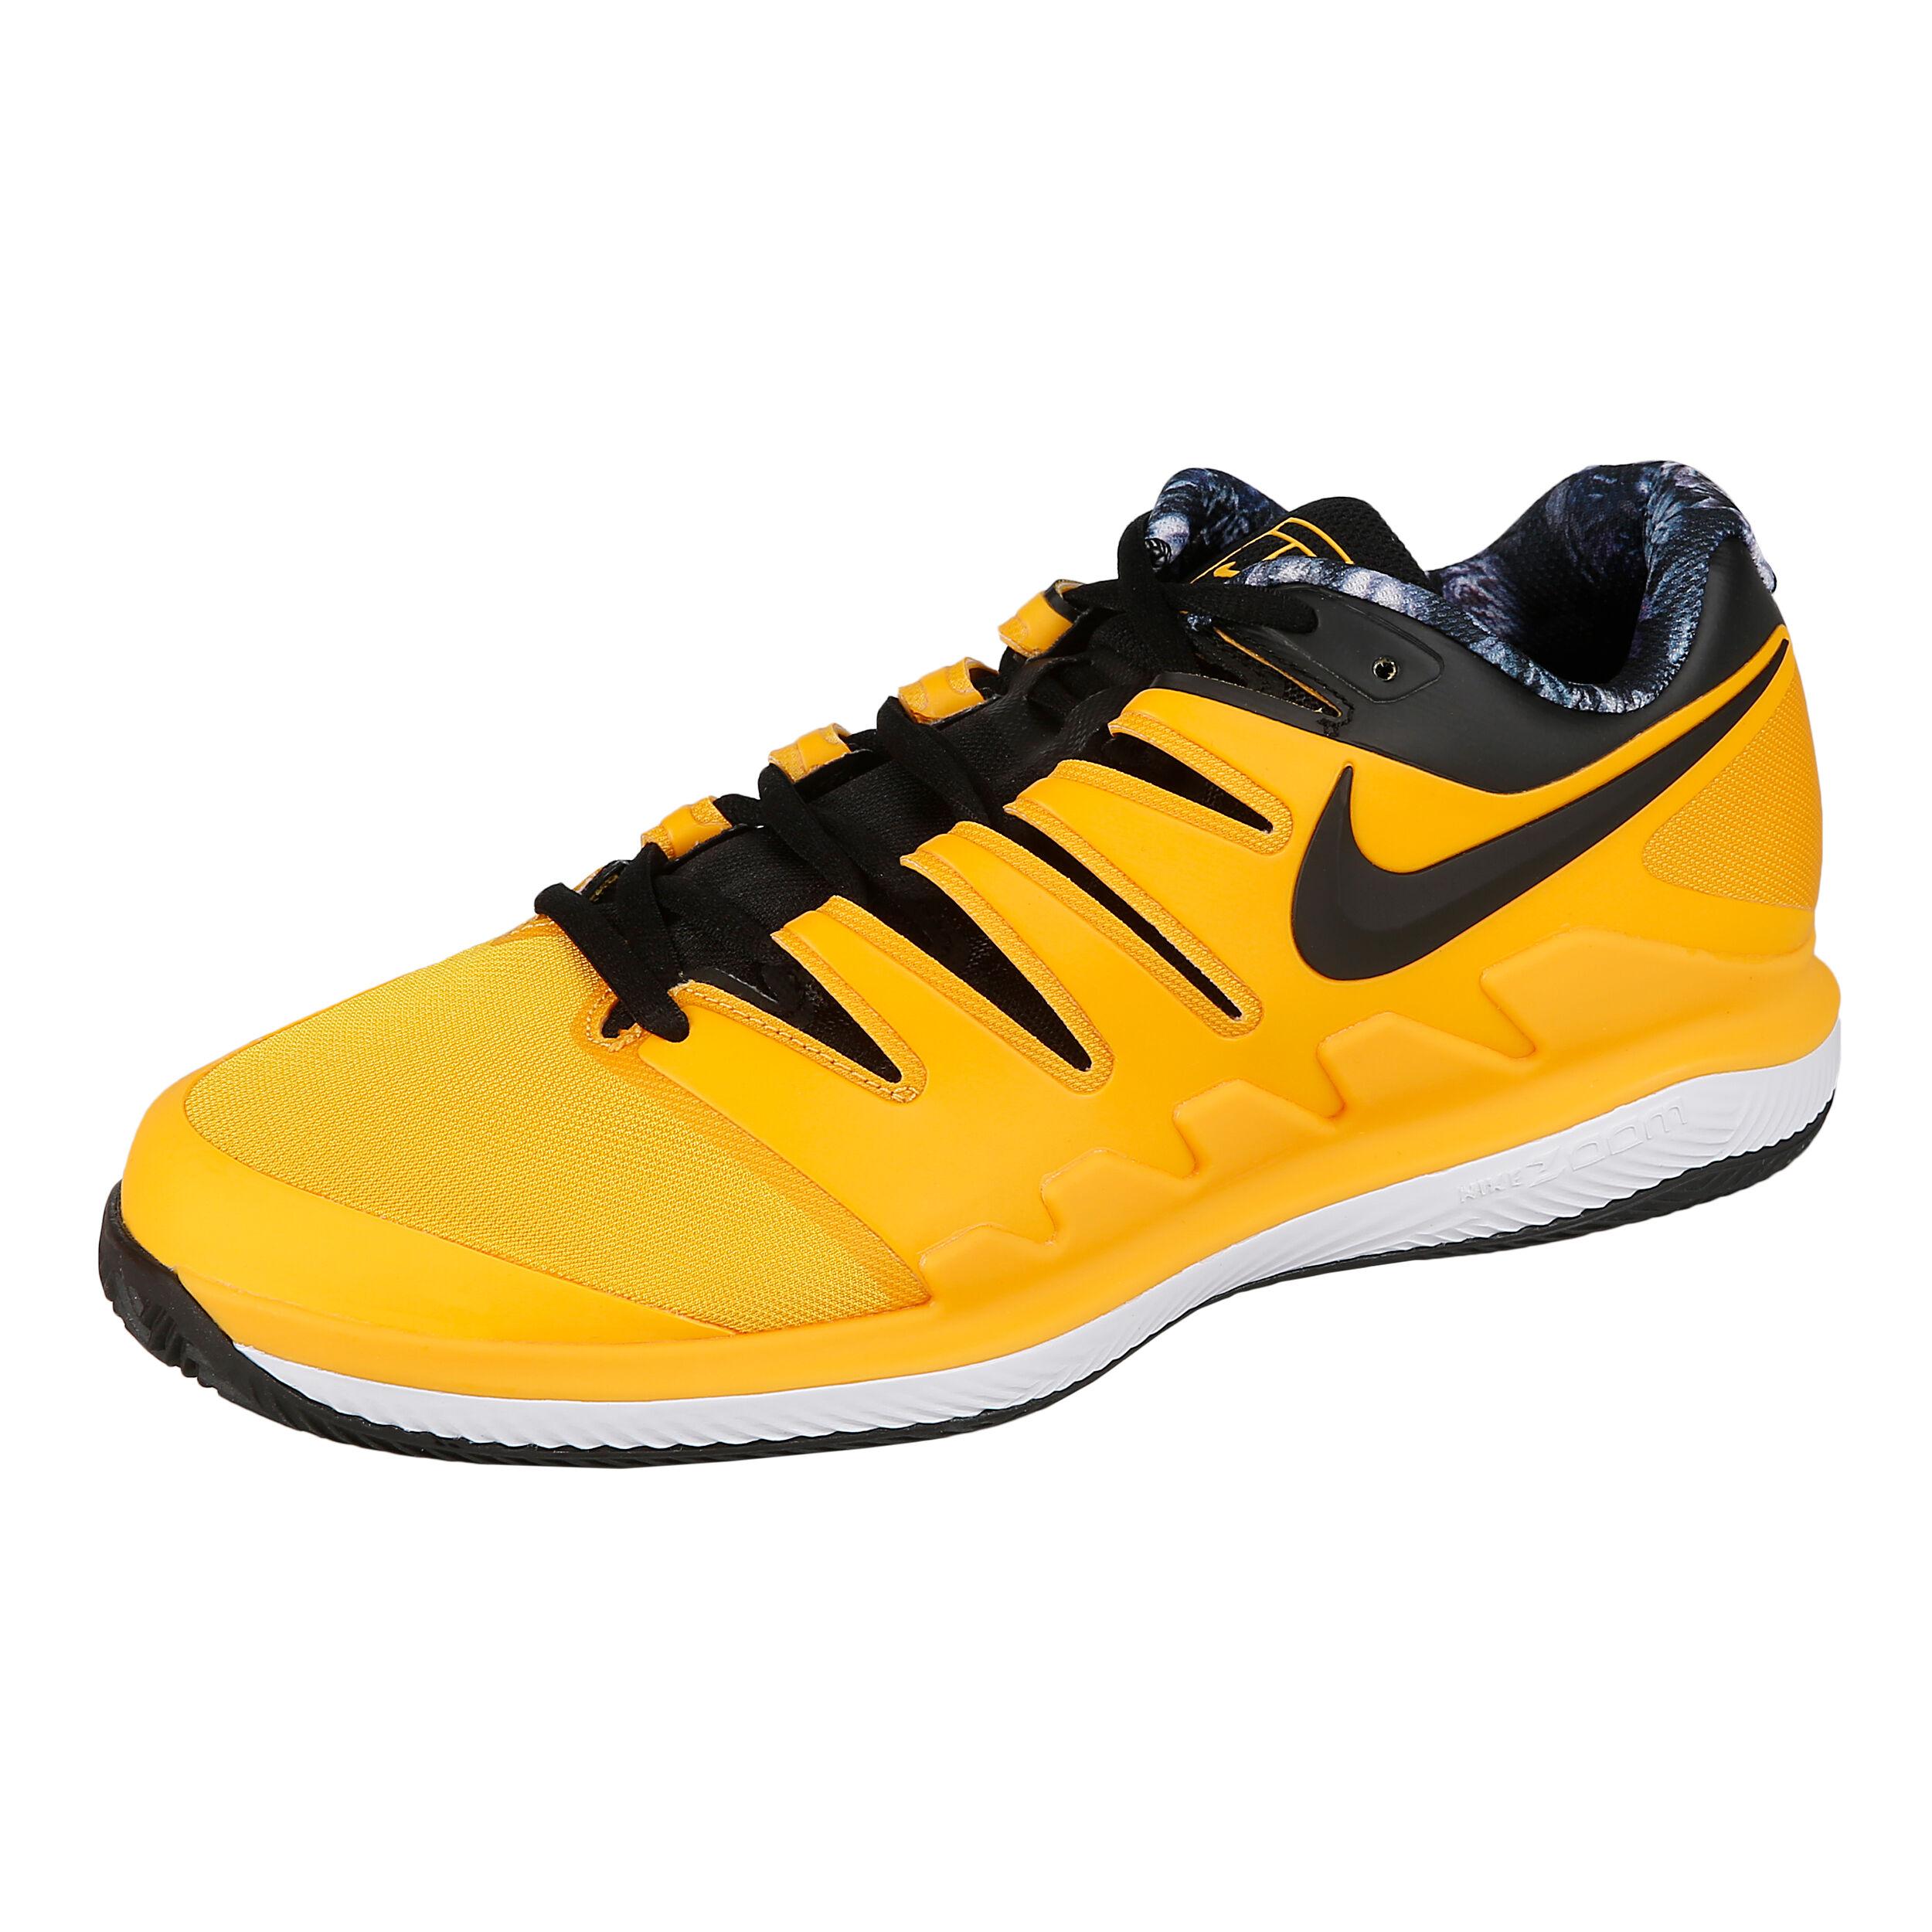 Skor för grus från Nike köp online | Tennis Point